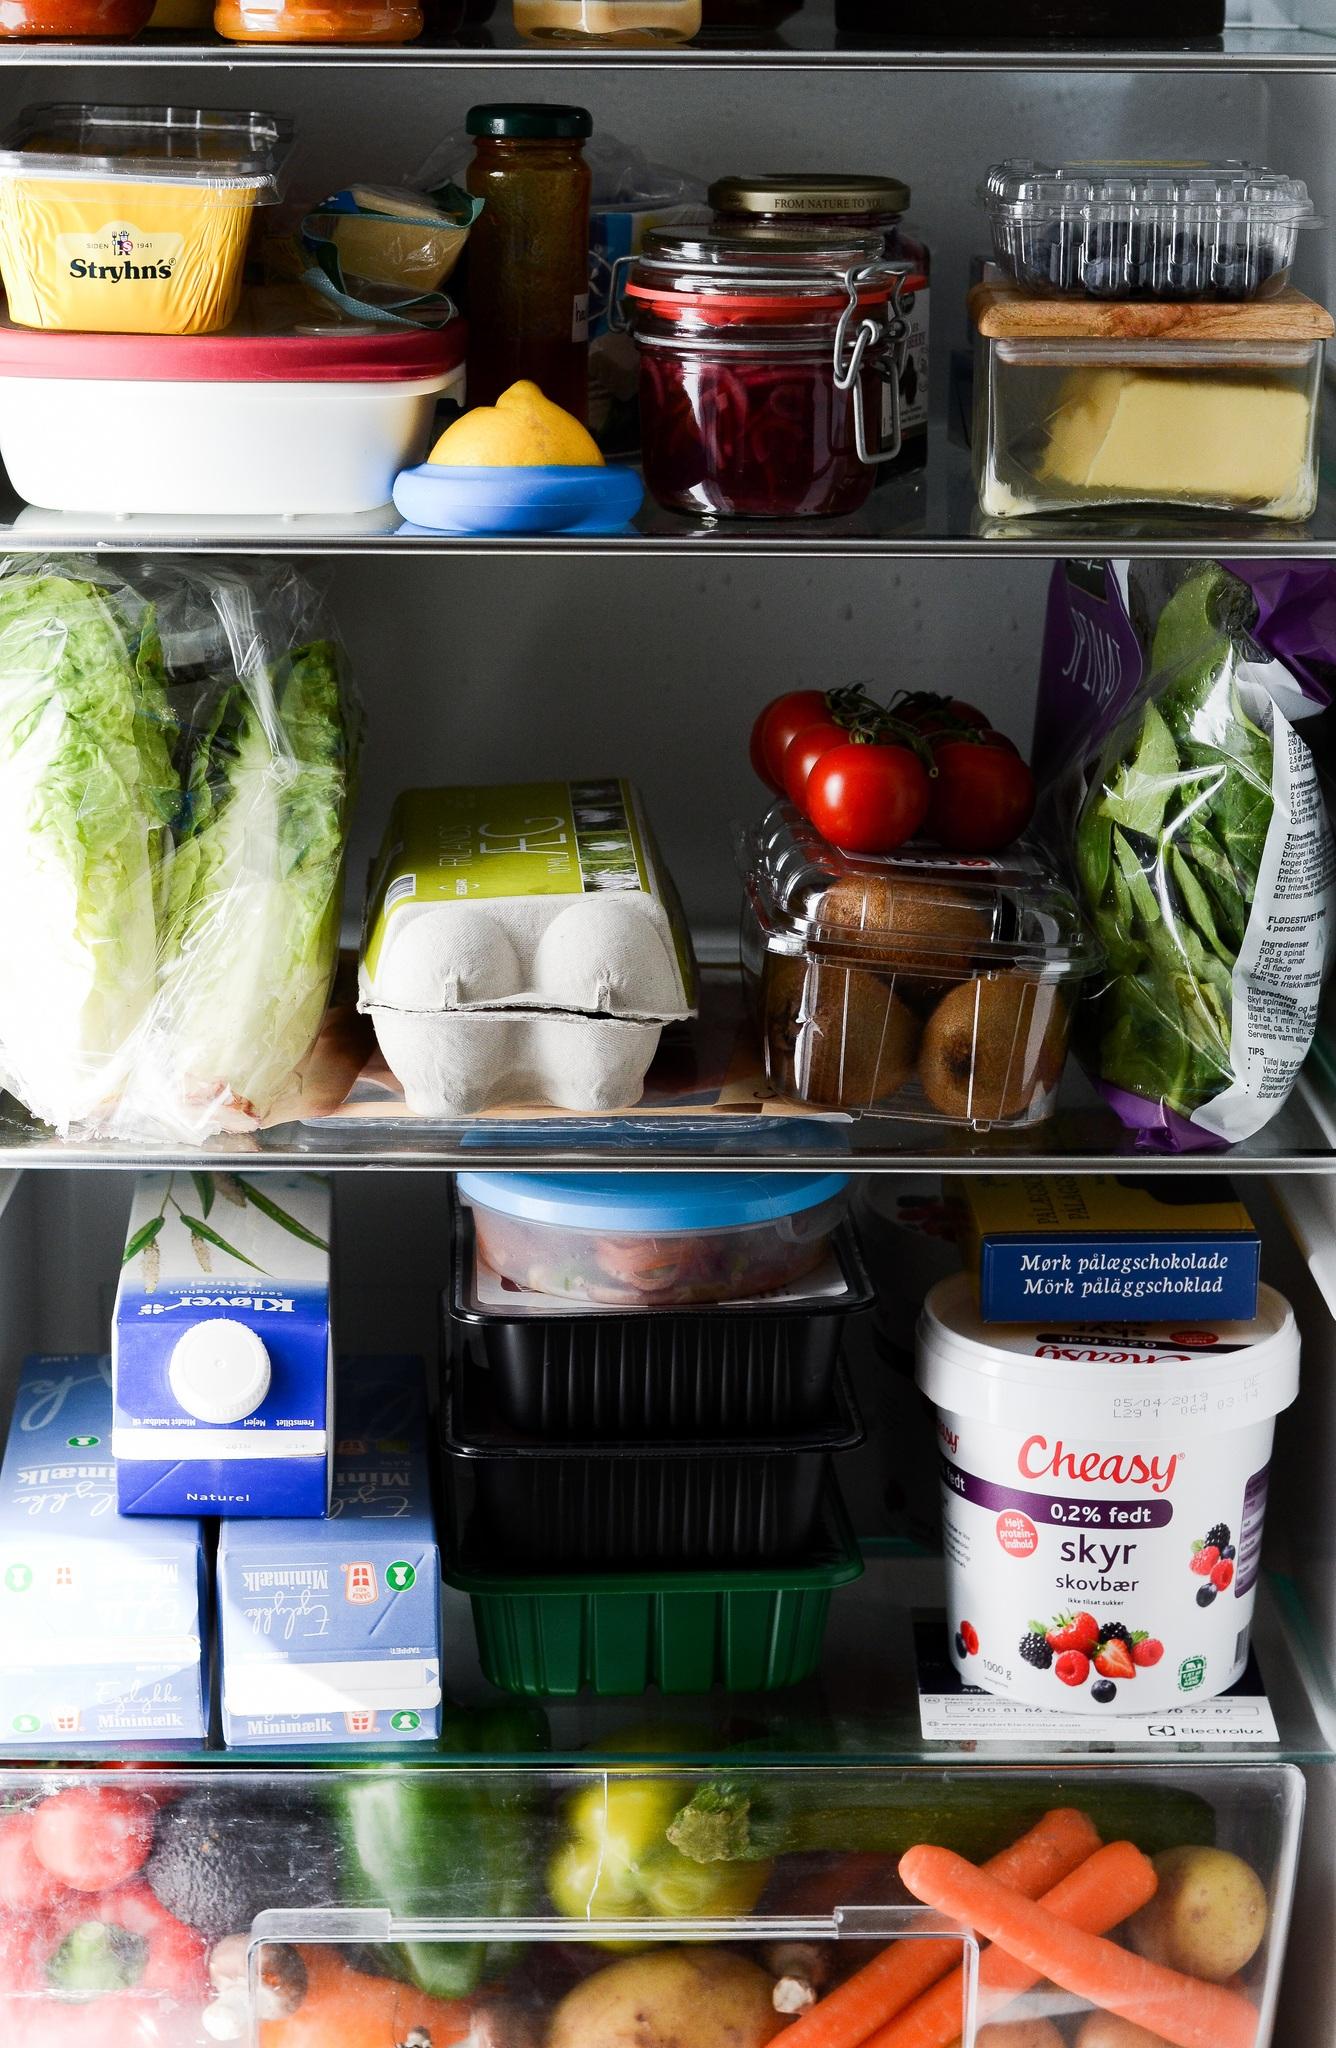 Vis mig dit køleskab: Anna - grødgris og madblogger på SU 2